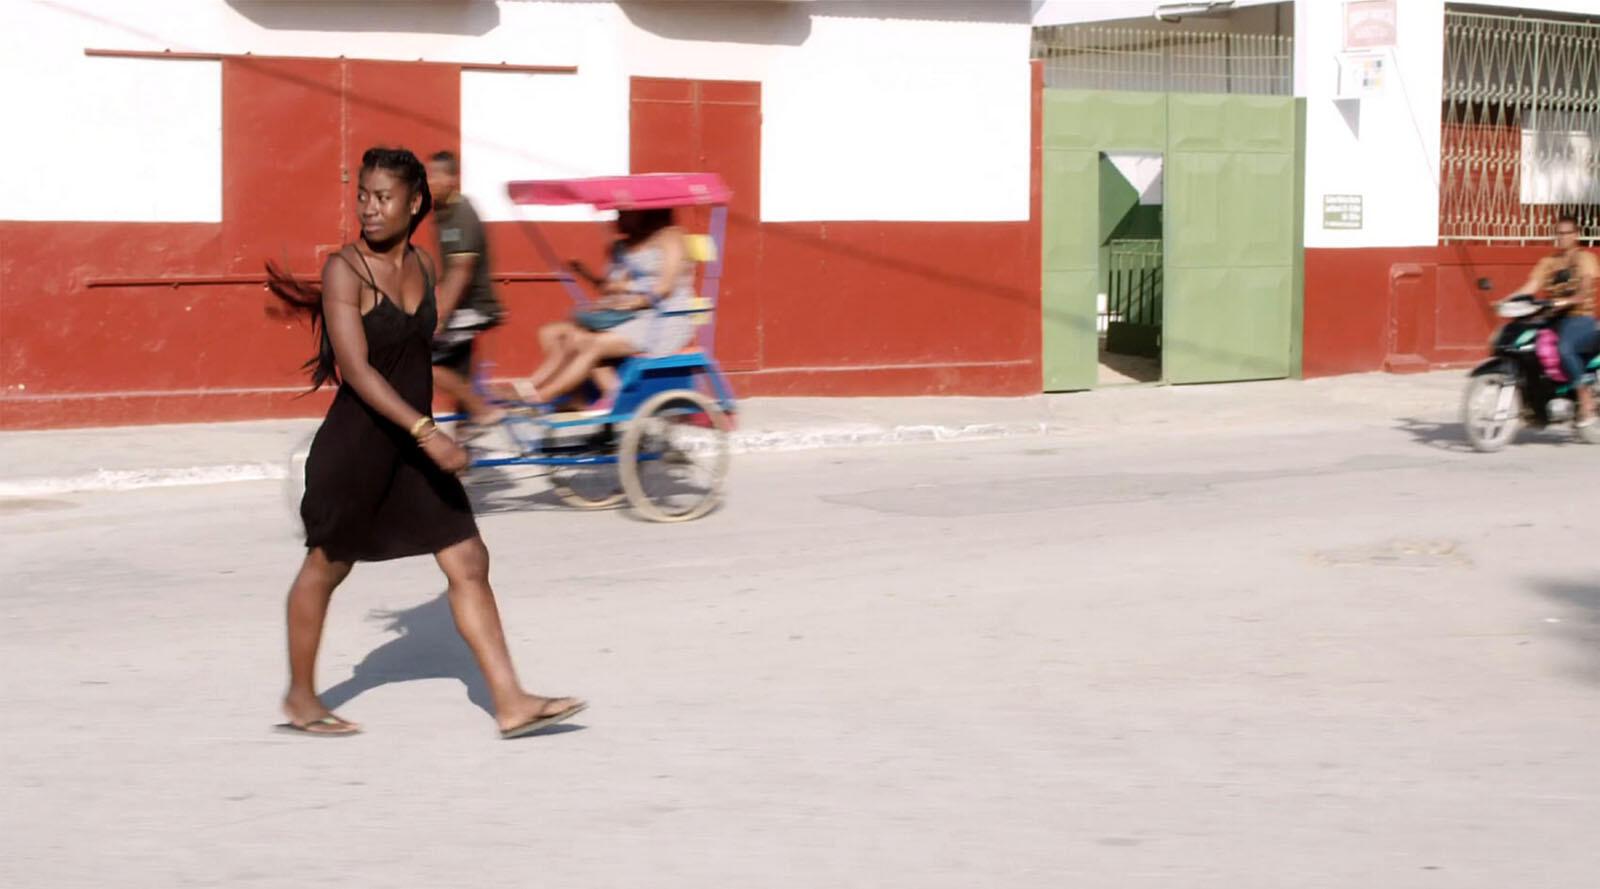 « Haingosoa », un film d'Edouard Joubeaud sur une jeune mère célibataire dans le sud de Madagascar.